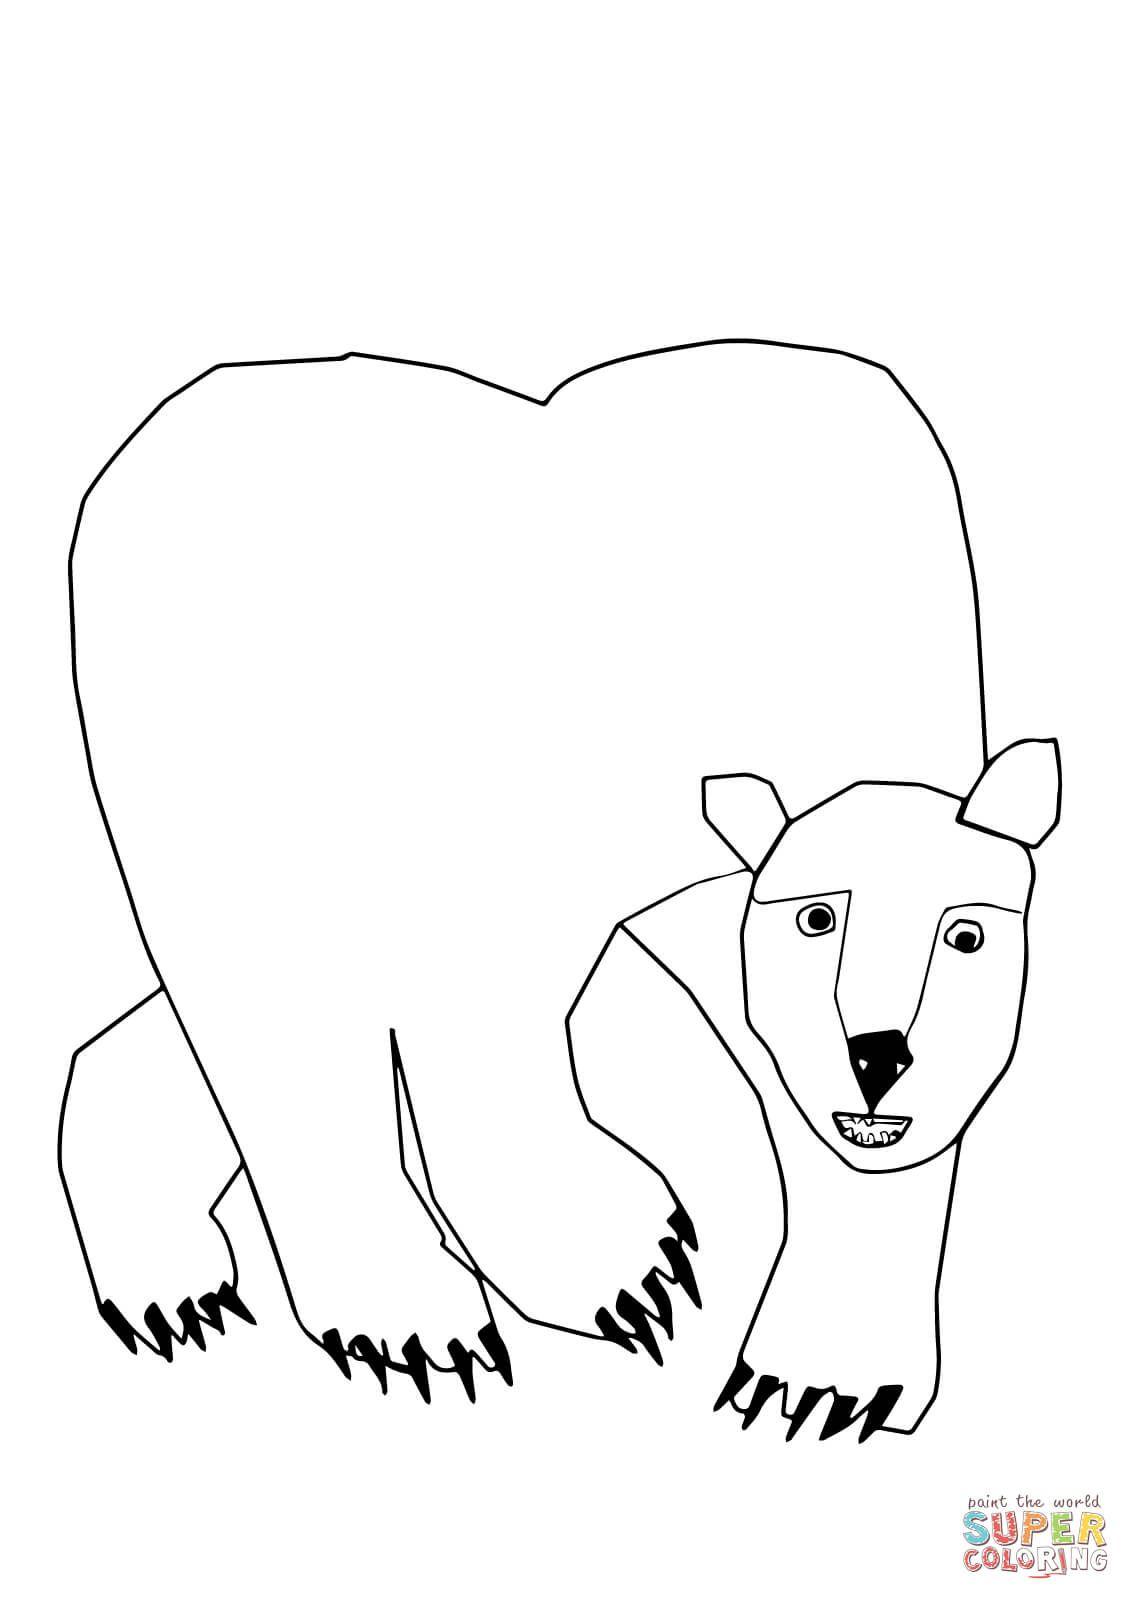 Polar Bear Polar Bear What Do You Hear Super Coloring Polar Bear Coloring Page Polar Bear Color Animal Coloring Pages